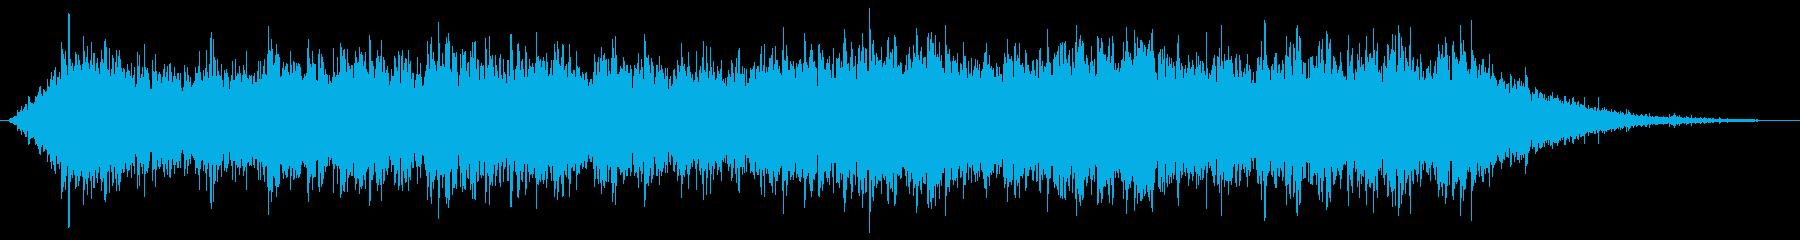 【ホラー】ダークアンビエント_05の再生済みの波形